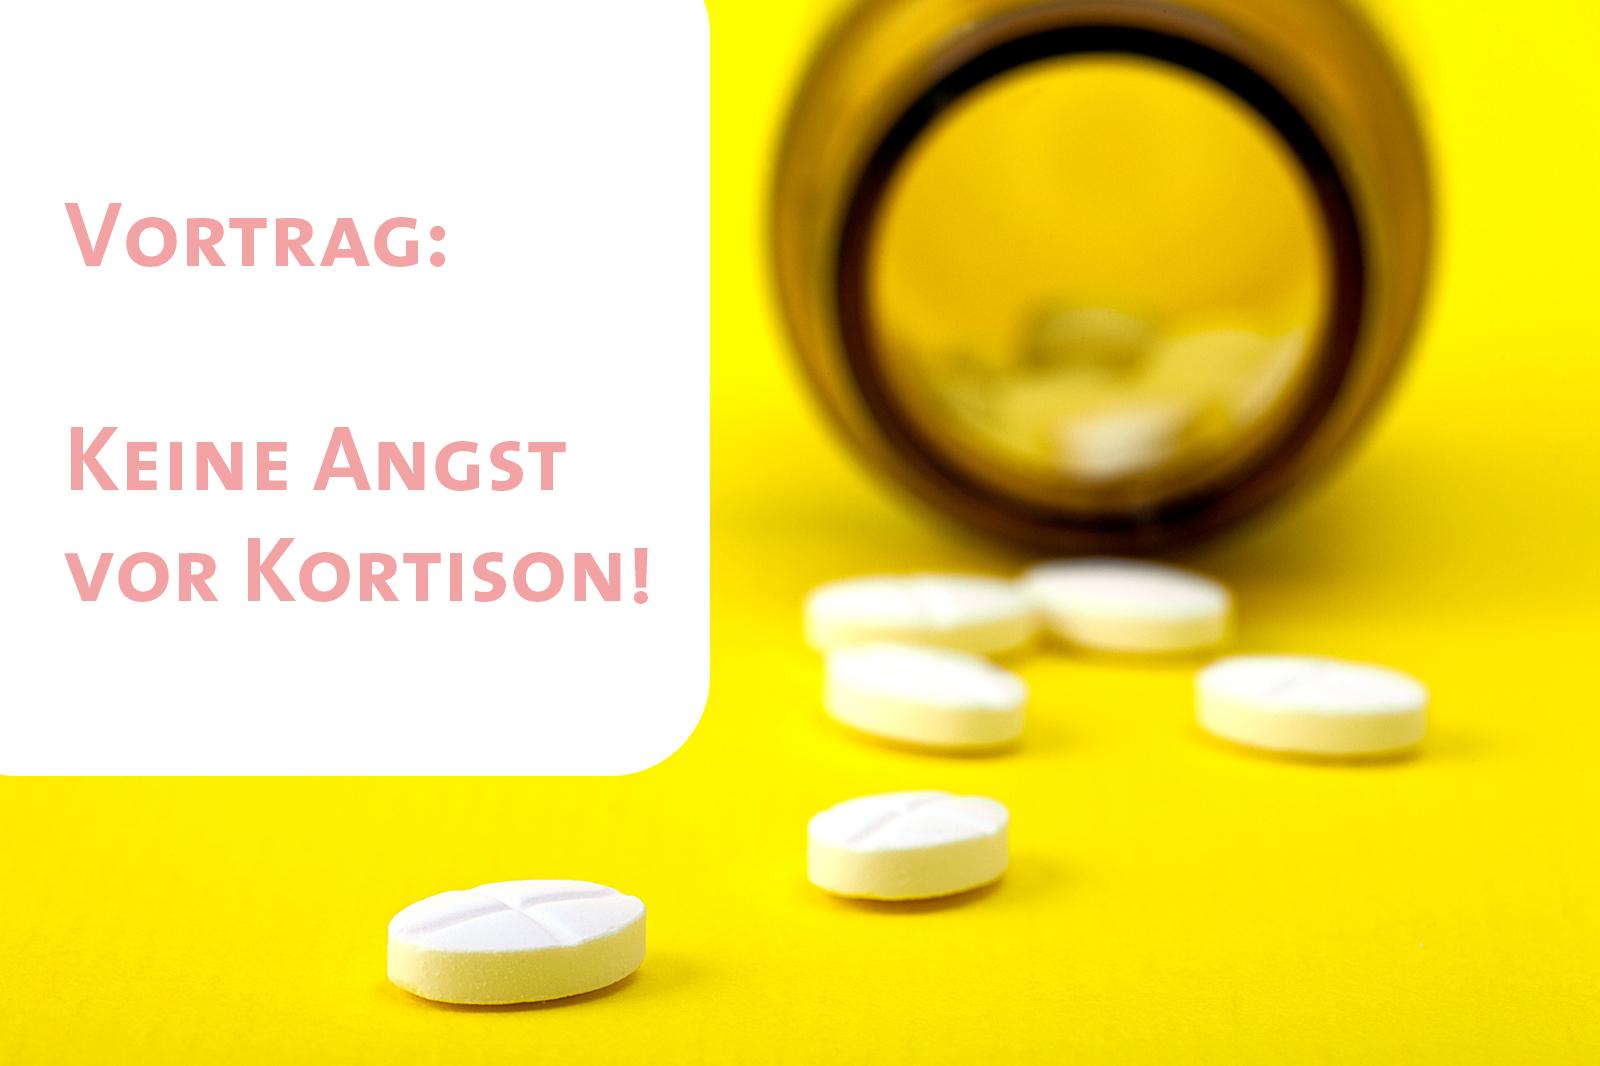 Vortrag: Keine Angst vor Kortison!